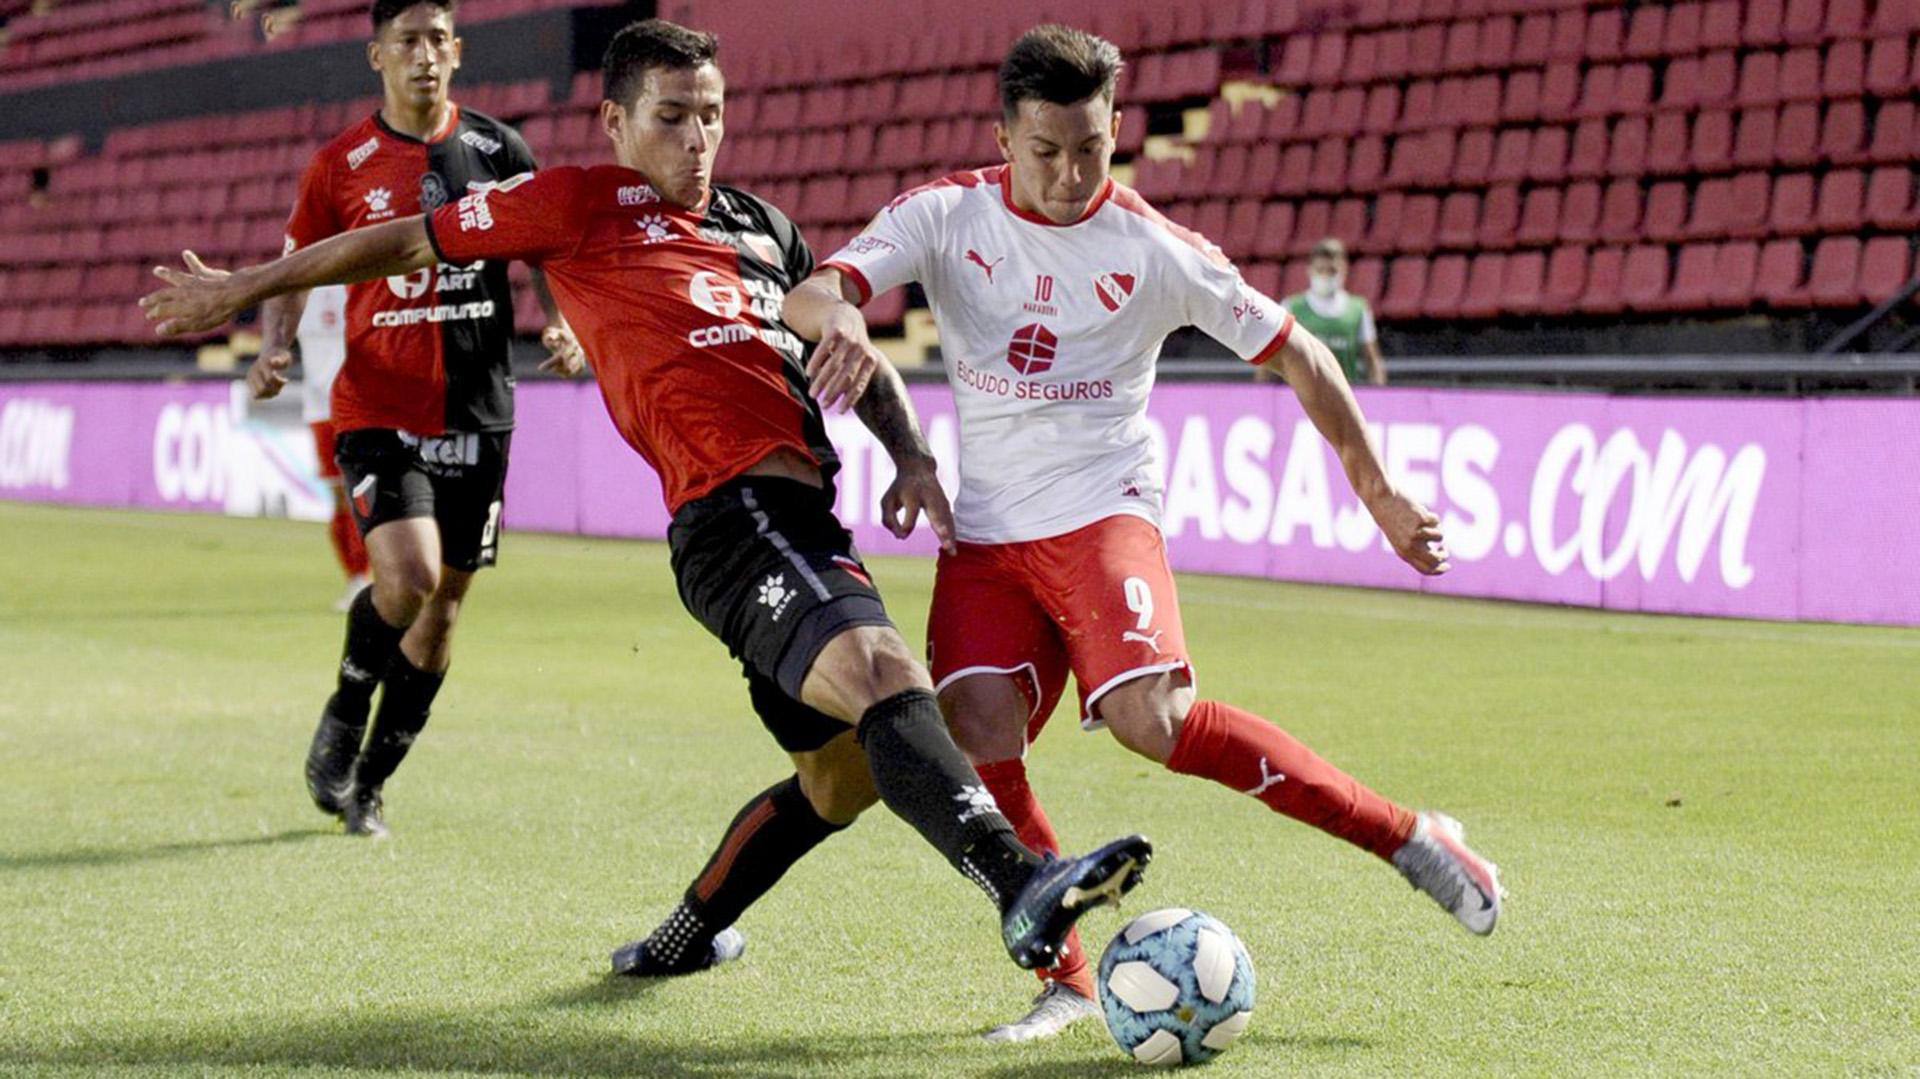 Independiente pisó fuerte en Santa Fe: venció a Colón, sigue invicto y se  clasificó a la próxima fase del torneo - Infobae